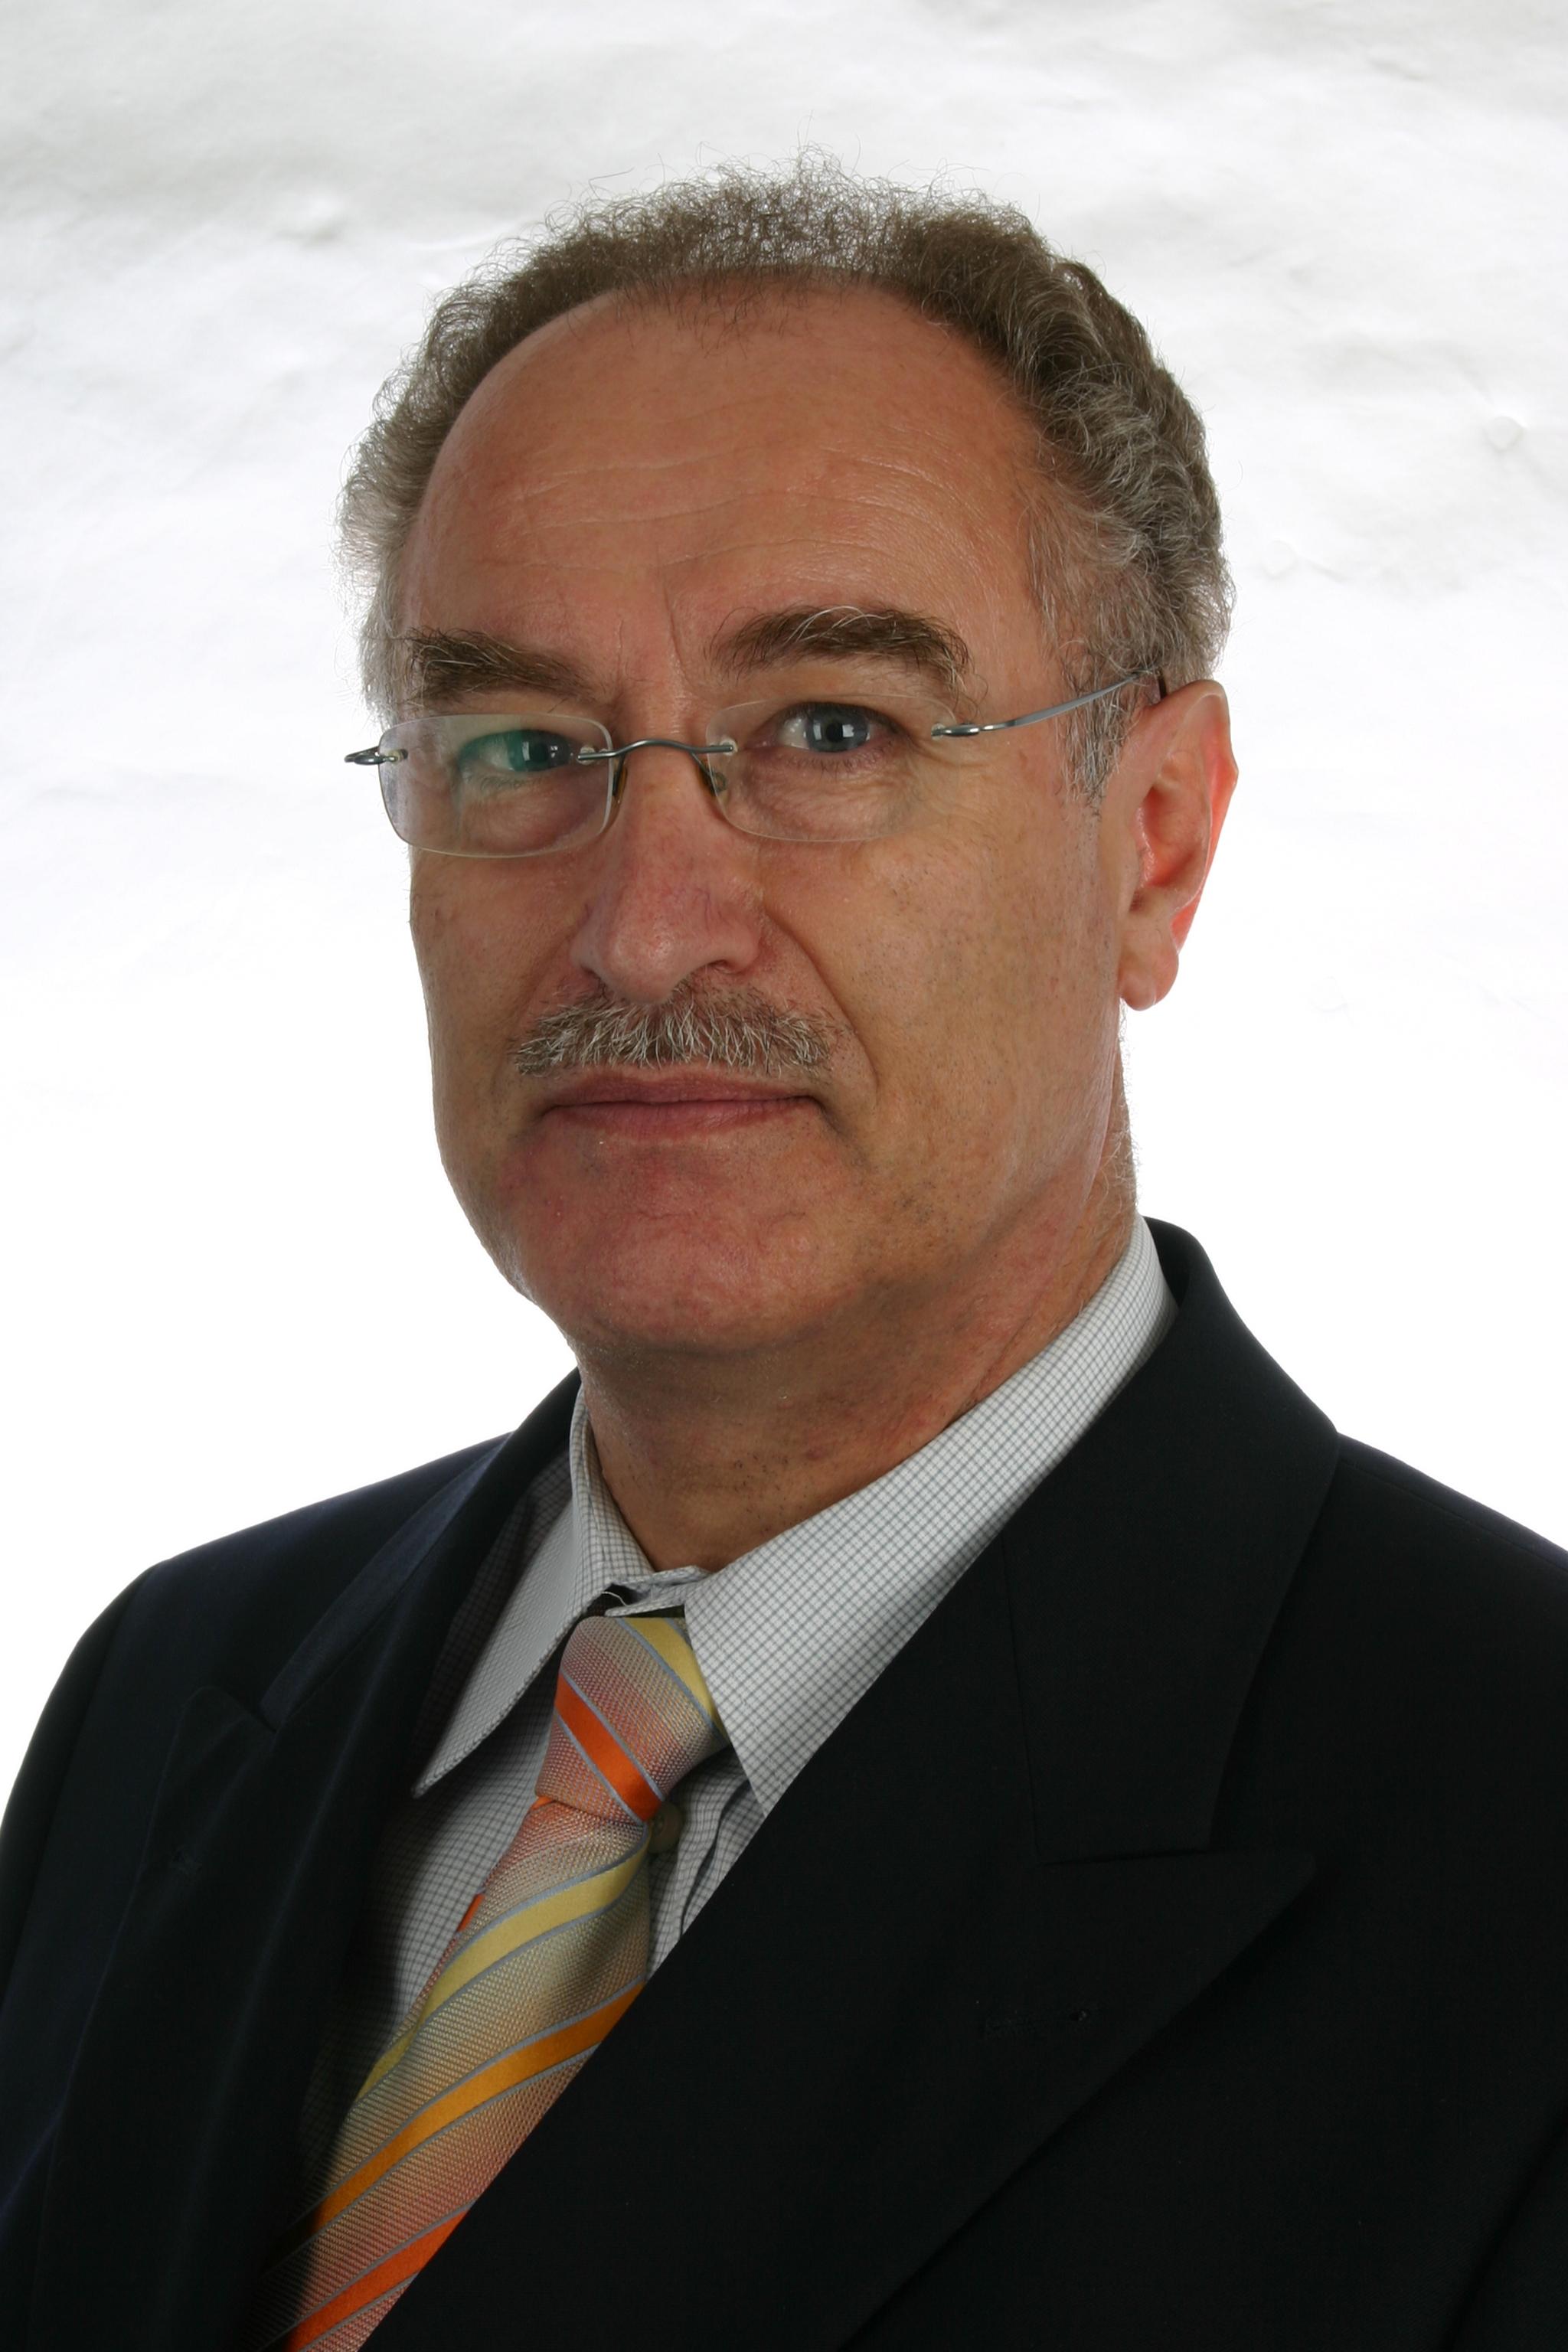 Prof Dr Bruno Bruhwiler Risknet The Risk Management Network